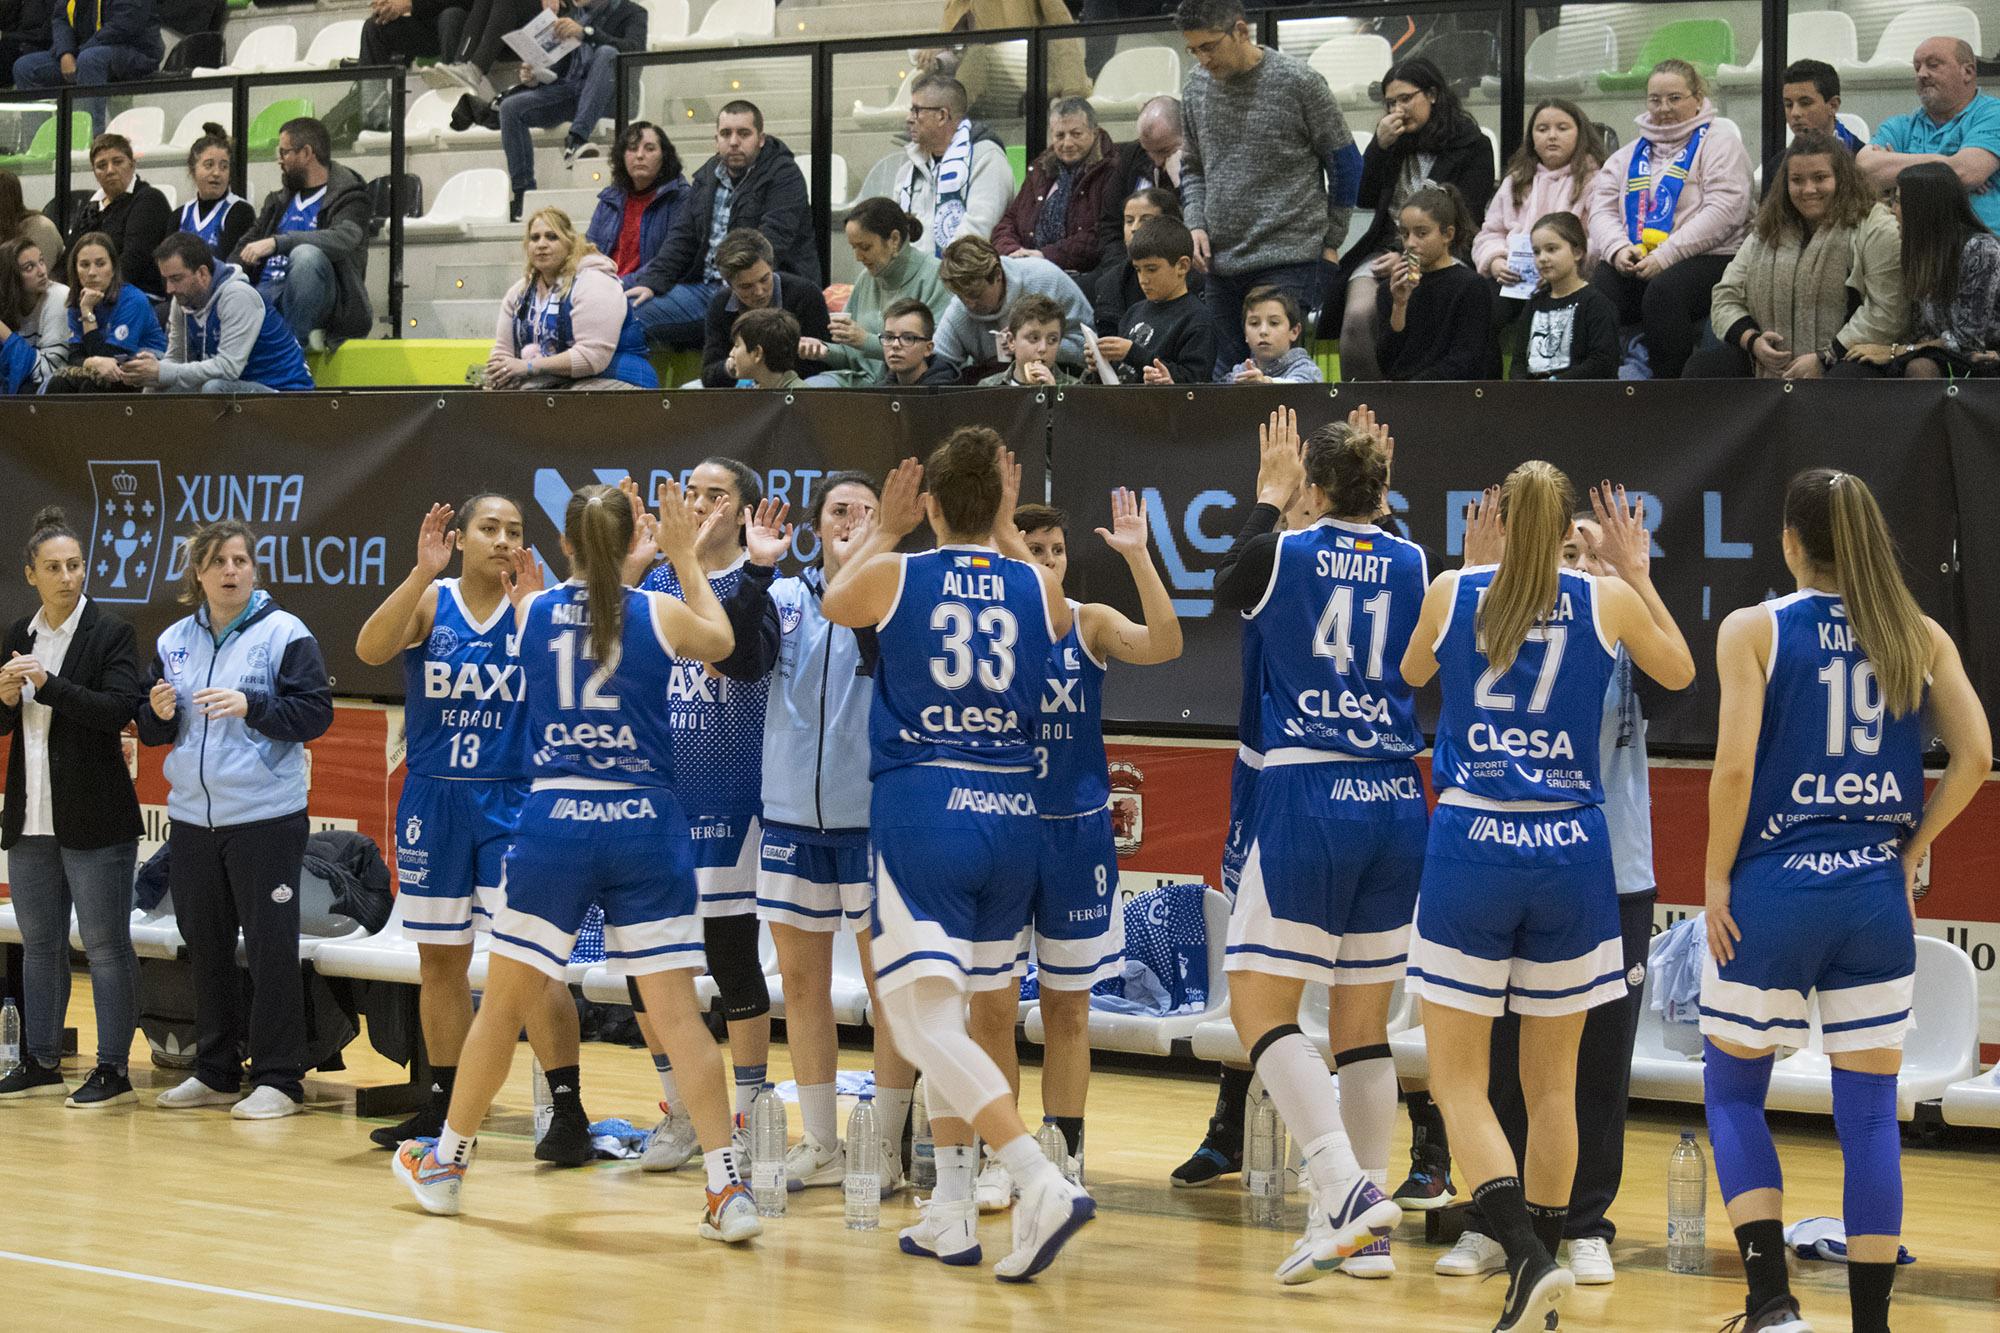 BAXI Ferrol na LF2 | BAXI